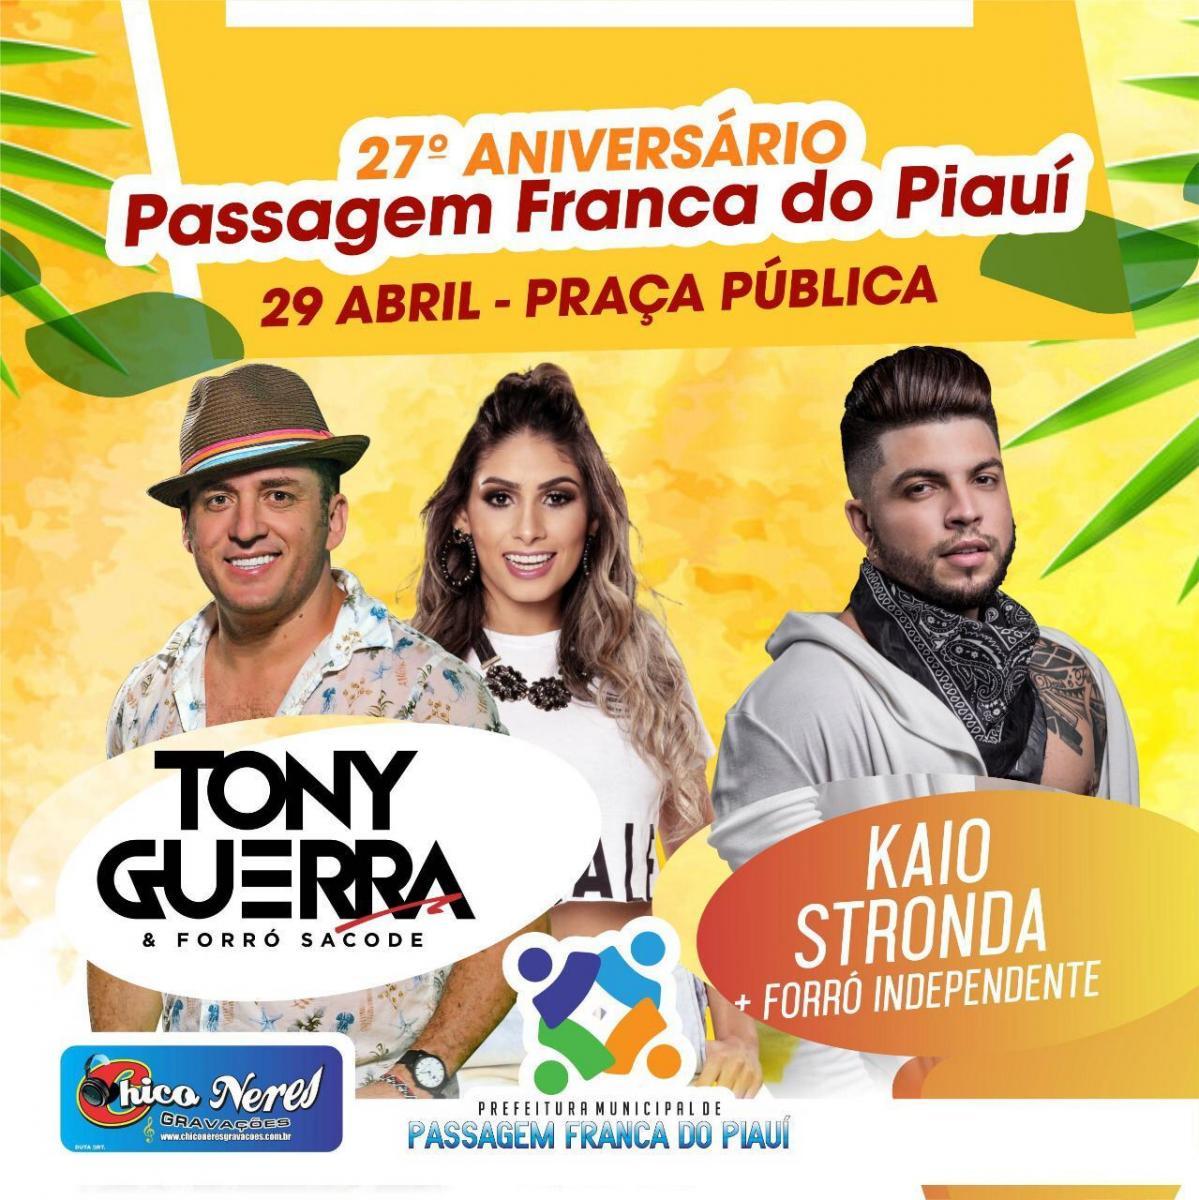 Prefeitura de Passagem Franca comemora aniversário de 27 anos com show de Tony Guerra e Forró Sacode